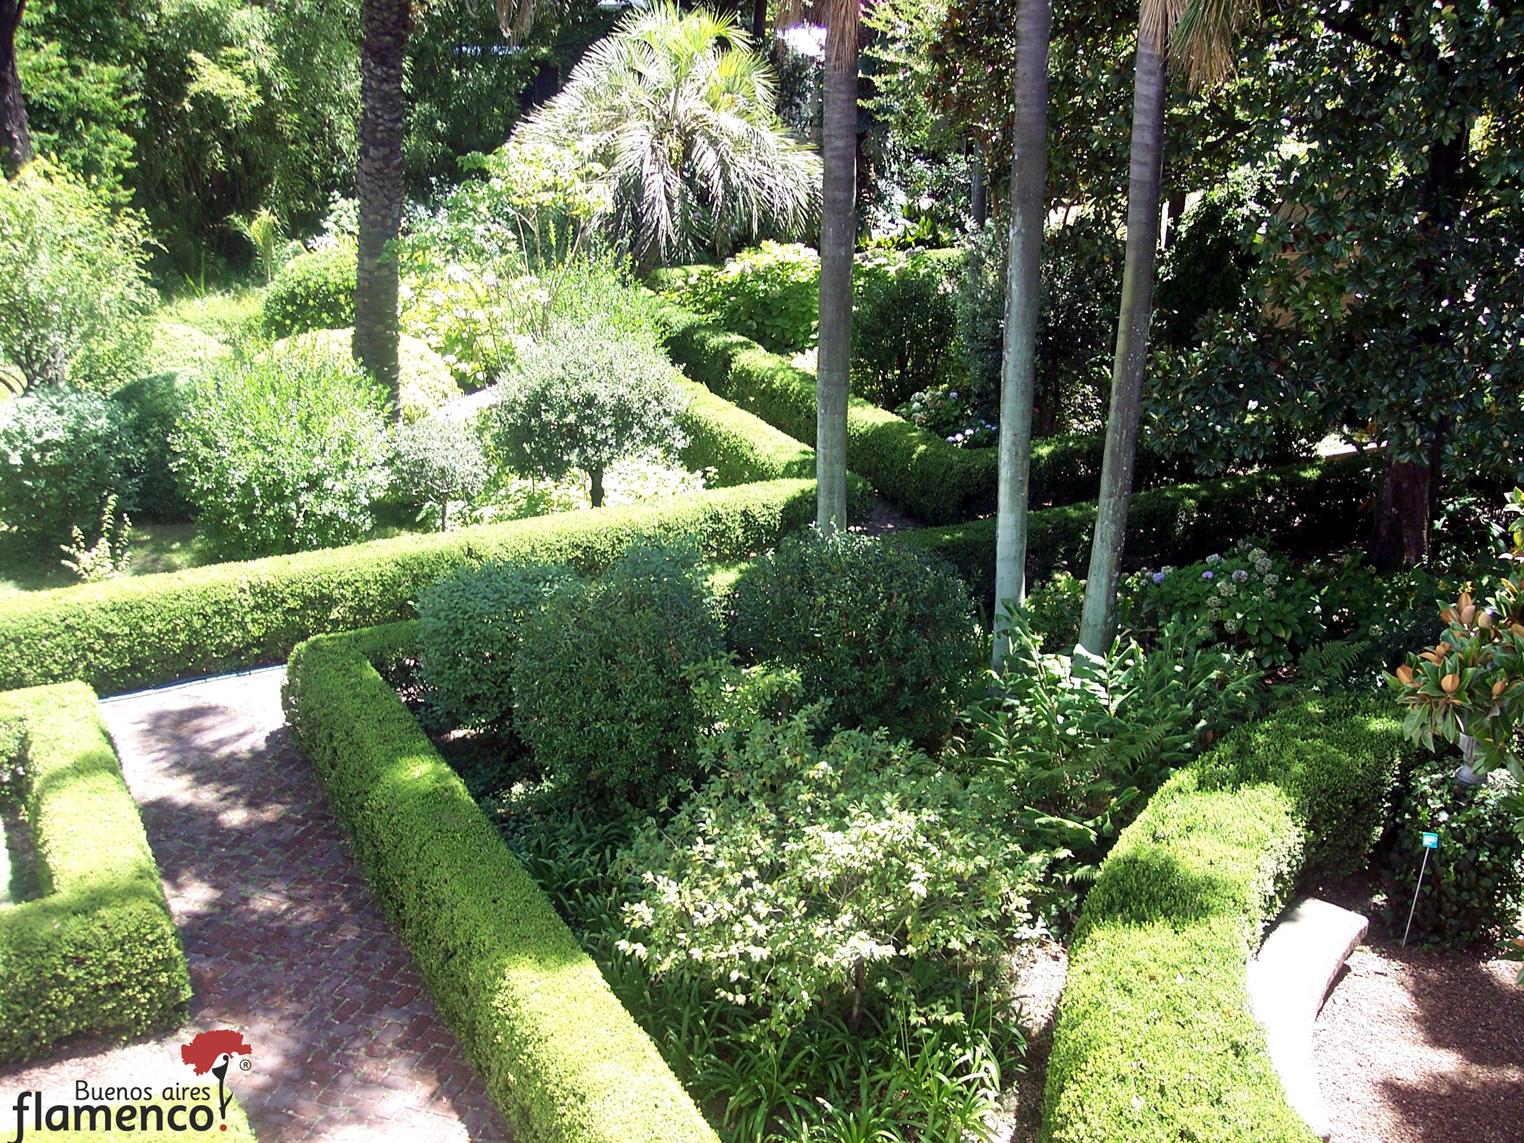 Buenos aires flamenco yo vivo oculto en un para so for Casa jardin buenos aires